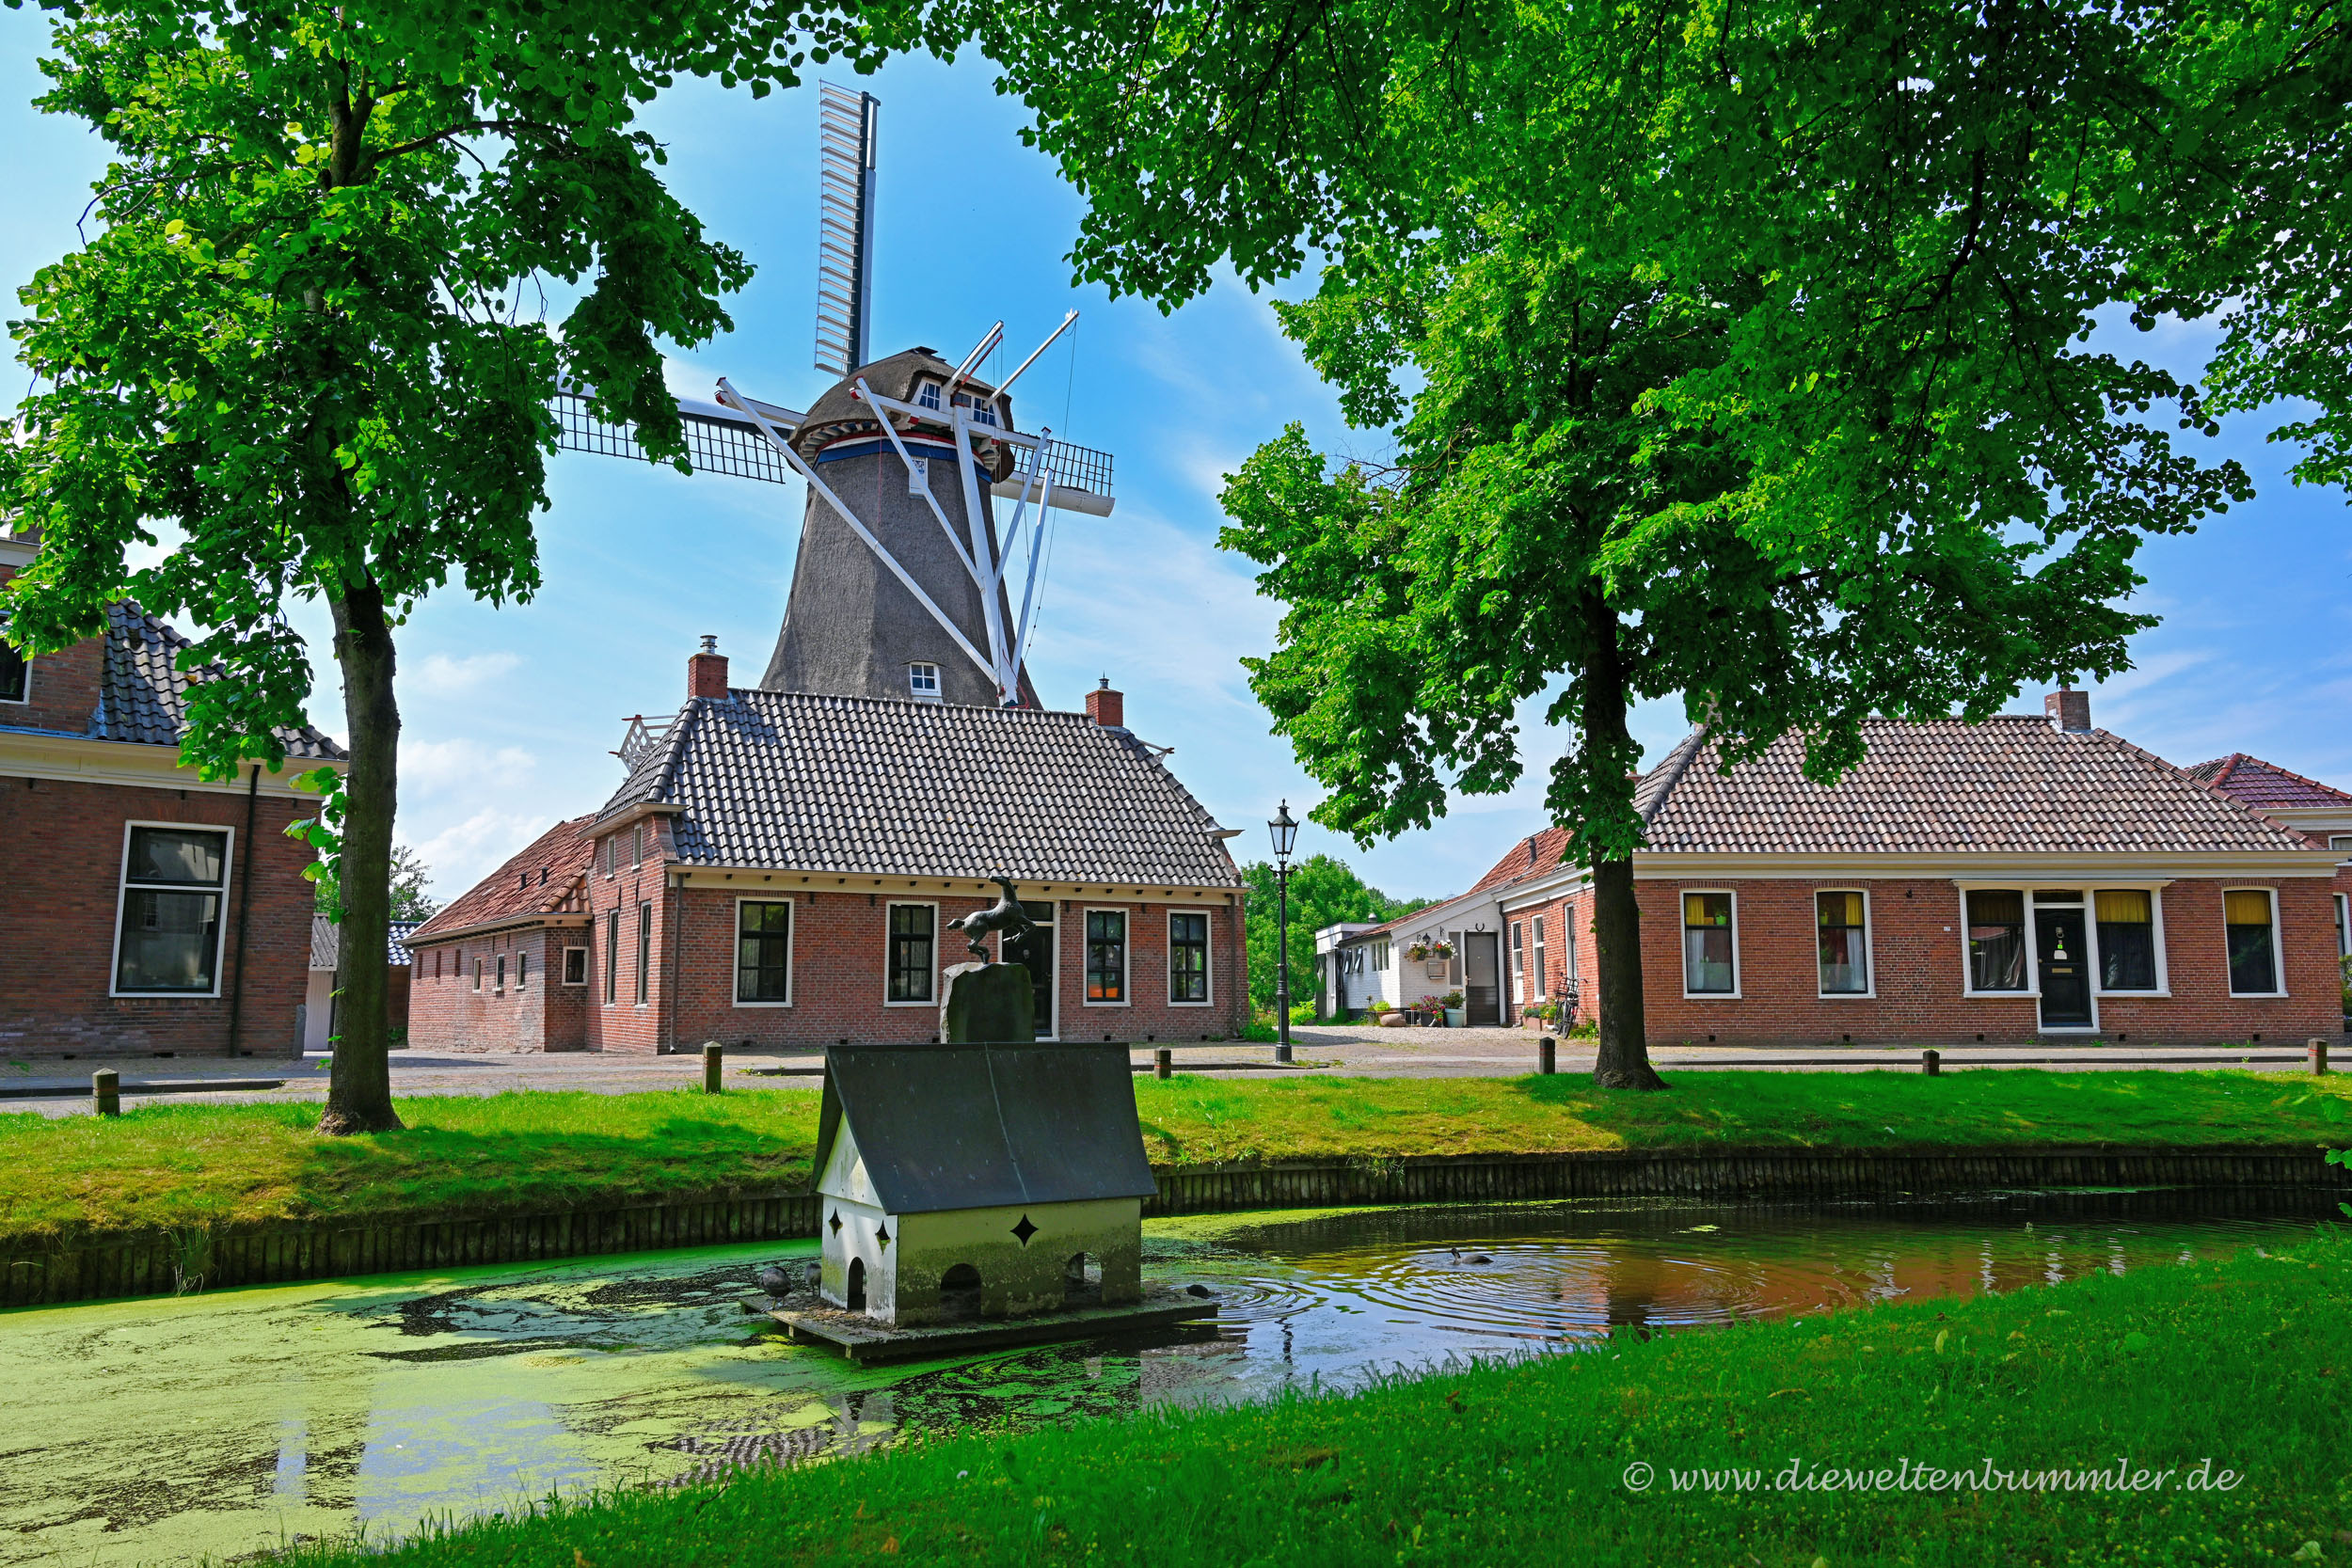 Spijk ist ein schönes kleines Dorf